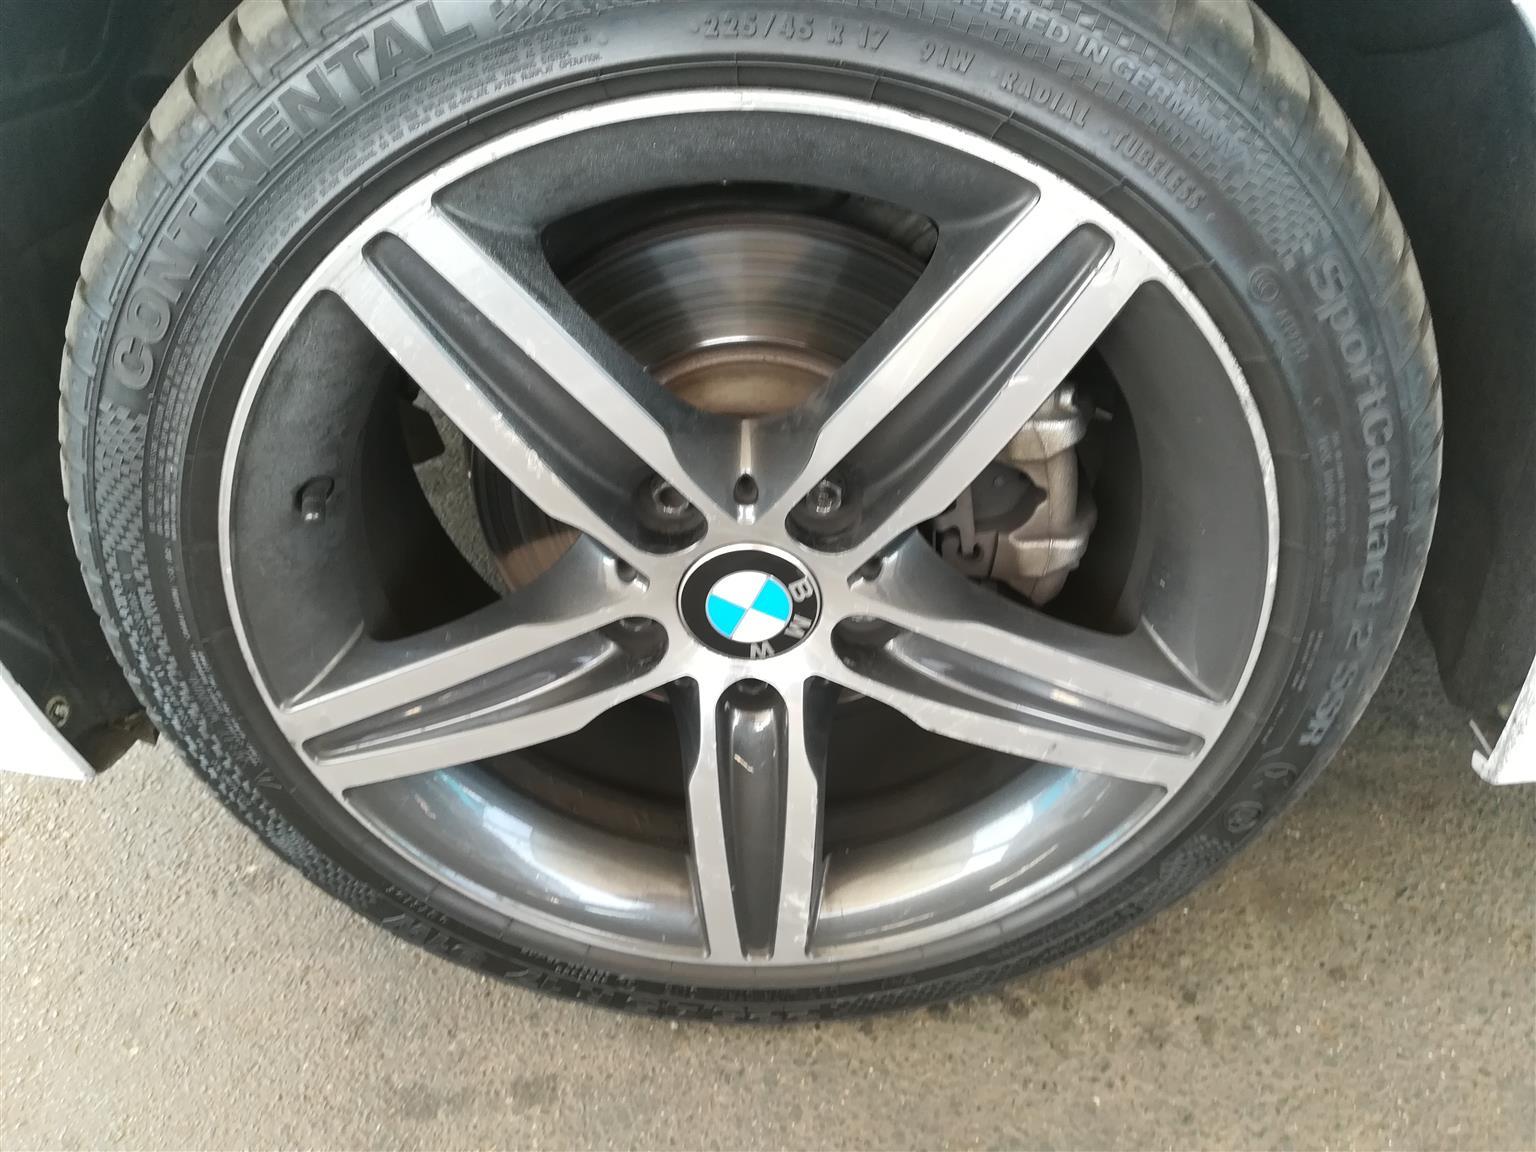 2017 BMW 1 Series 5-door 118i SPORTLINE A/T (F40)